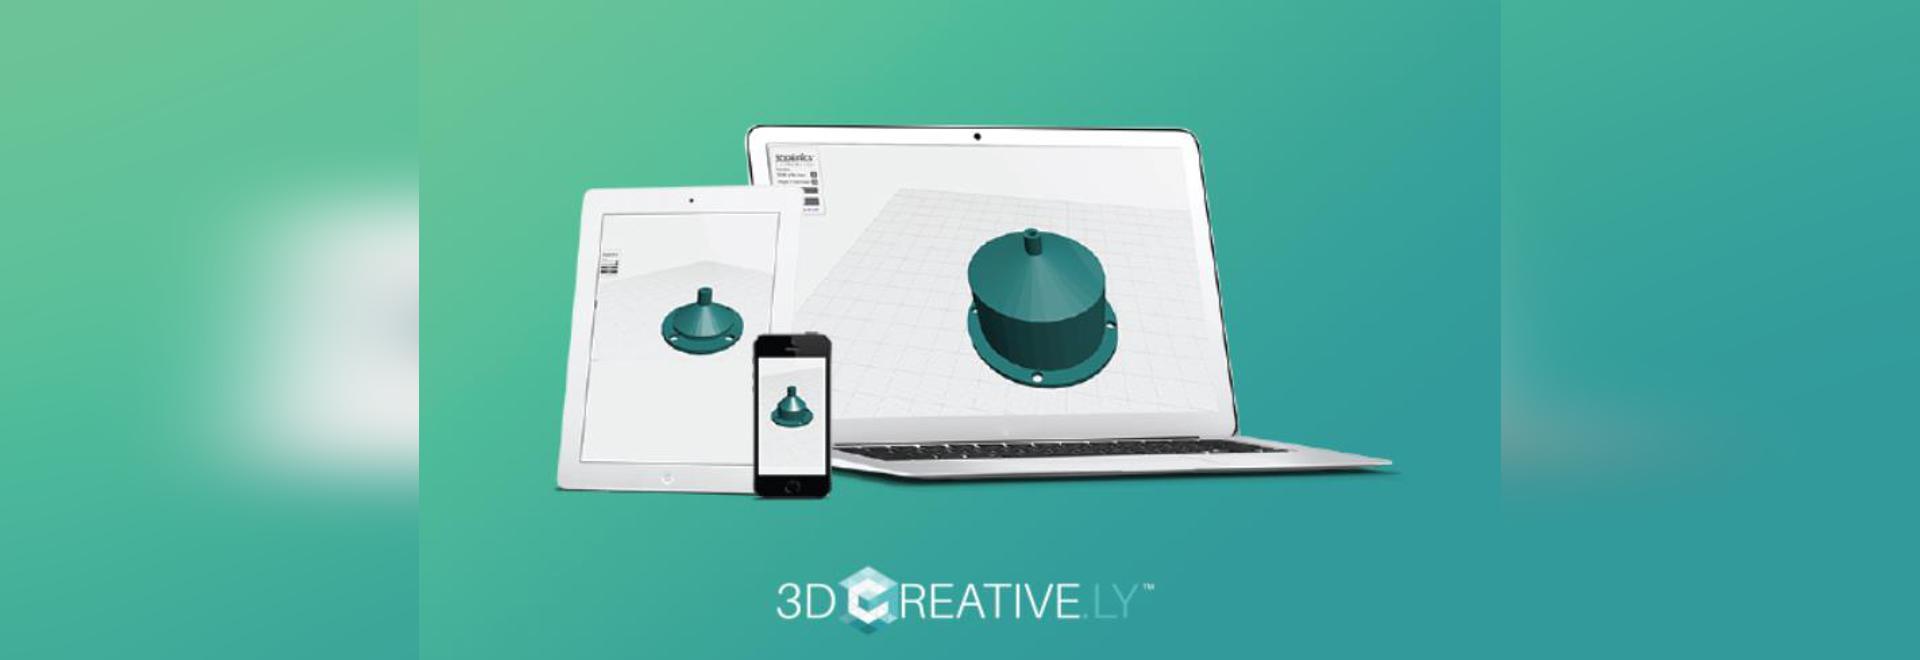 Los creador del sistema que cultivaba un huerto de interior 3Dponics a lanzar Nube-basaron 3D que modelaba app 3Dcreative.ly